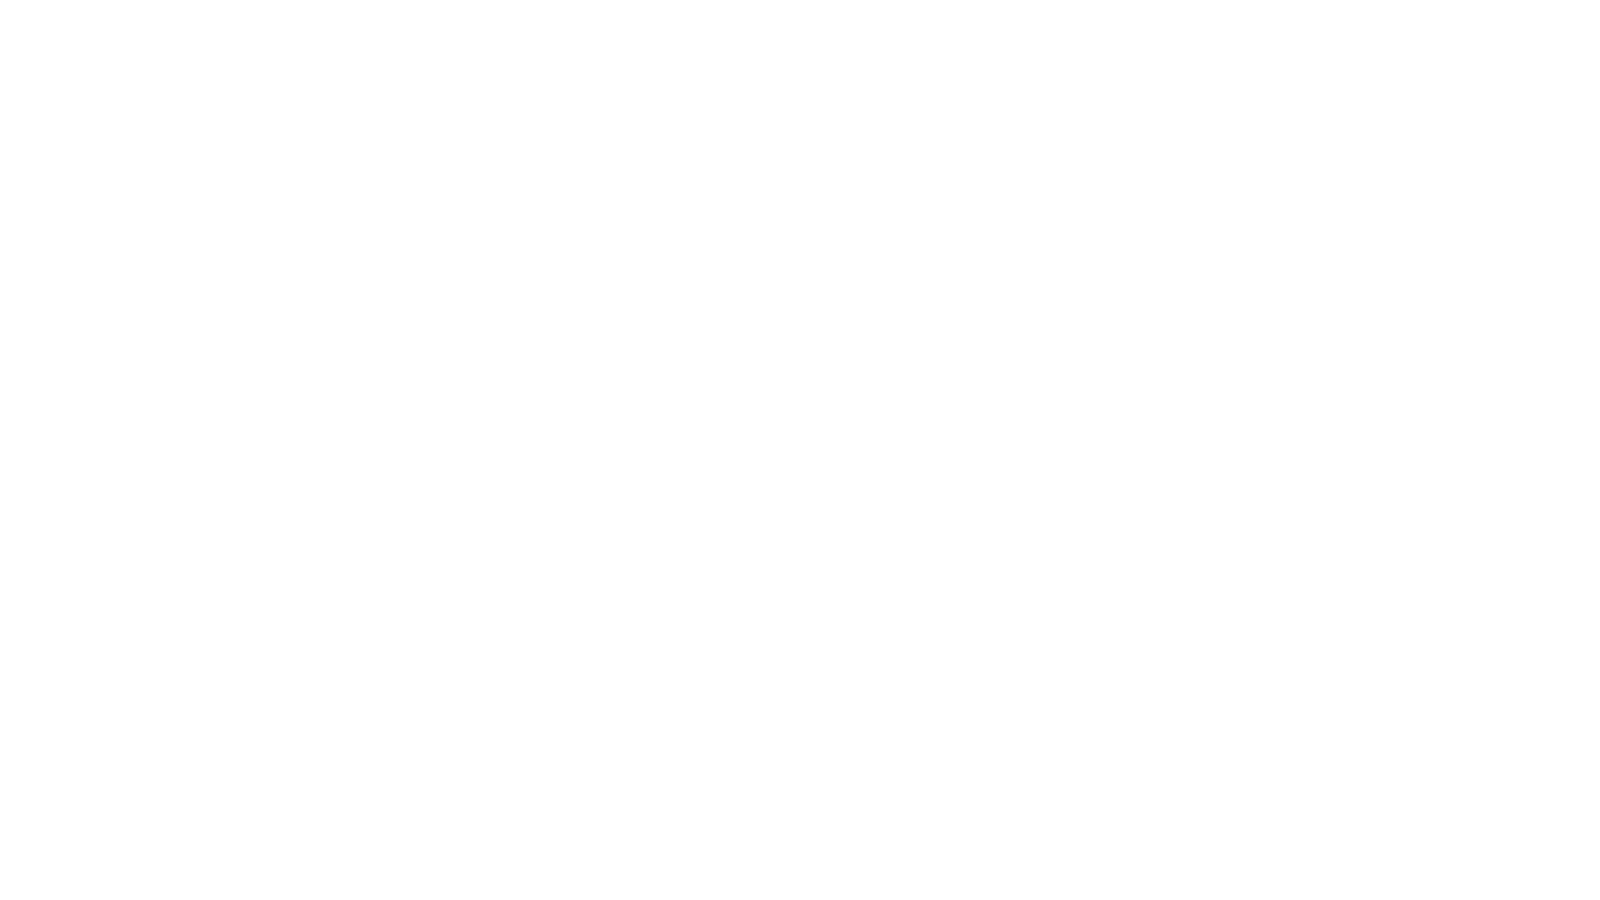 🔥 70ms für einen Schaltvorgang! 🔥🡲 Starlane macht es möglich. 🡰Zum SHOP:https://www.starlane-shop.deWir haben für euch den IONIC Quickshifter von Starlane ausprobiert. Das System lässt sich sehr einfach montieren.Die Schaltvorgänge sind sehr schnell, weich und bringen euch viele Sekunden auf der Rennstrecke!Hier wird Qualität und Support noch groß geschrieben!Das System funktioniert nach dem richtigen Einbau wunderbar, Schaltvorgang nur noch am hüpfen des Drehzahlmessers bemerkbar.Herr Engel stand immer mit einem sehr professionellen Rat per E-Mail zur Seite. Sehr schnelle und hilfreiche Antworten.Preis-/ Leistungsverhältnis ist unser Meinung nach unschlagbar!#Tutorial #Starlane #KolbendrescherKapitel:0:00 Einleitung0:56 Demontage Sitz1:24 Demontage Tank1:41 Demontage Airbox2:19 Starlane Zündkabel anstecken2:58 Zündkabel zum Heck verlegen3:55 Einbau IONIC Steuergerät4:49 Montage Airbox5:50 Sensor auf Funktion prüfen6:26 IONIC Steuergerät befestigen7:00 Montage Sensor8:24 Sensor mit Anzugsmoment festziehen8:43 Montage Tank9:31 Einstellung der Sensibilität11:06 Einstellung der Cut-Time12:10 Soundcheck & Fahrt►Website and SHOP:✗ https://Kolbendrescher.deViel Spaß, TEILEN und LIKEN nicht vergessen!▬▬▬ GEILER STUFF und EQUIPMENT ▬▬▬✗ Helmkamera: http://amzn.to/2sprTWa✗ P0rn Kamera: http://amzn.to/2spvxzn✗ Günstig und gute Motorradhandschuhe: http://amzn.to/2sEDkLU✗ 4T 10W-40 Motoröl: http://amzn.to/2spJjBU✗ Mini-LED Blinker: http://amzn.to/2rKuuYU✗ Sehr guter Mini-Lautsprecher: http://amzn.to/2spTOoY✗ Super für den Grill: http://amzn.to/2tNE7dfDir hat das Video gefallen? --► Liken, kommentieren und TEILEN!!!Du hast Fragen zu uns oder dem Video? Dann ab damit in die Kommentare!▬▬▬ Links ▬▬▬►Website and SHOP:http://Kolbendrescher.de►SECOND CHANNEL ► SUBSCRIBE:https://www.youtube.com/channel/UC8Z9uGRygMvDpgRkhstOUNQ►Facebook:https://www.facebook.com/kolbendrescher►Instagram:https://instagram.com/Kolbendrescher/►AWESOME VIDEO FSK 18:https://www.youtube.com/watch?v=gsYwQYhd_f